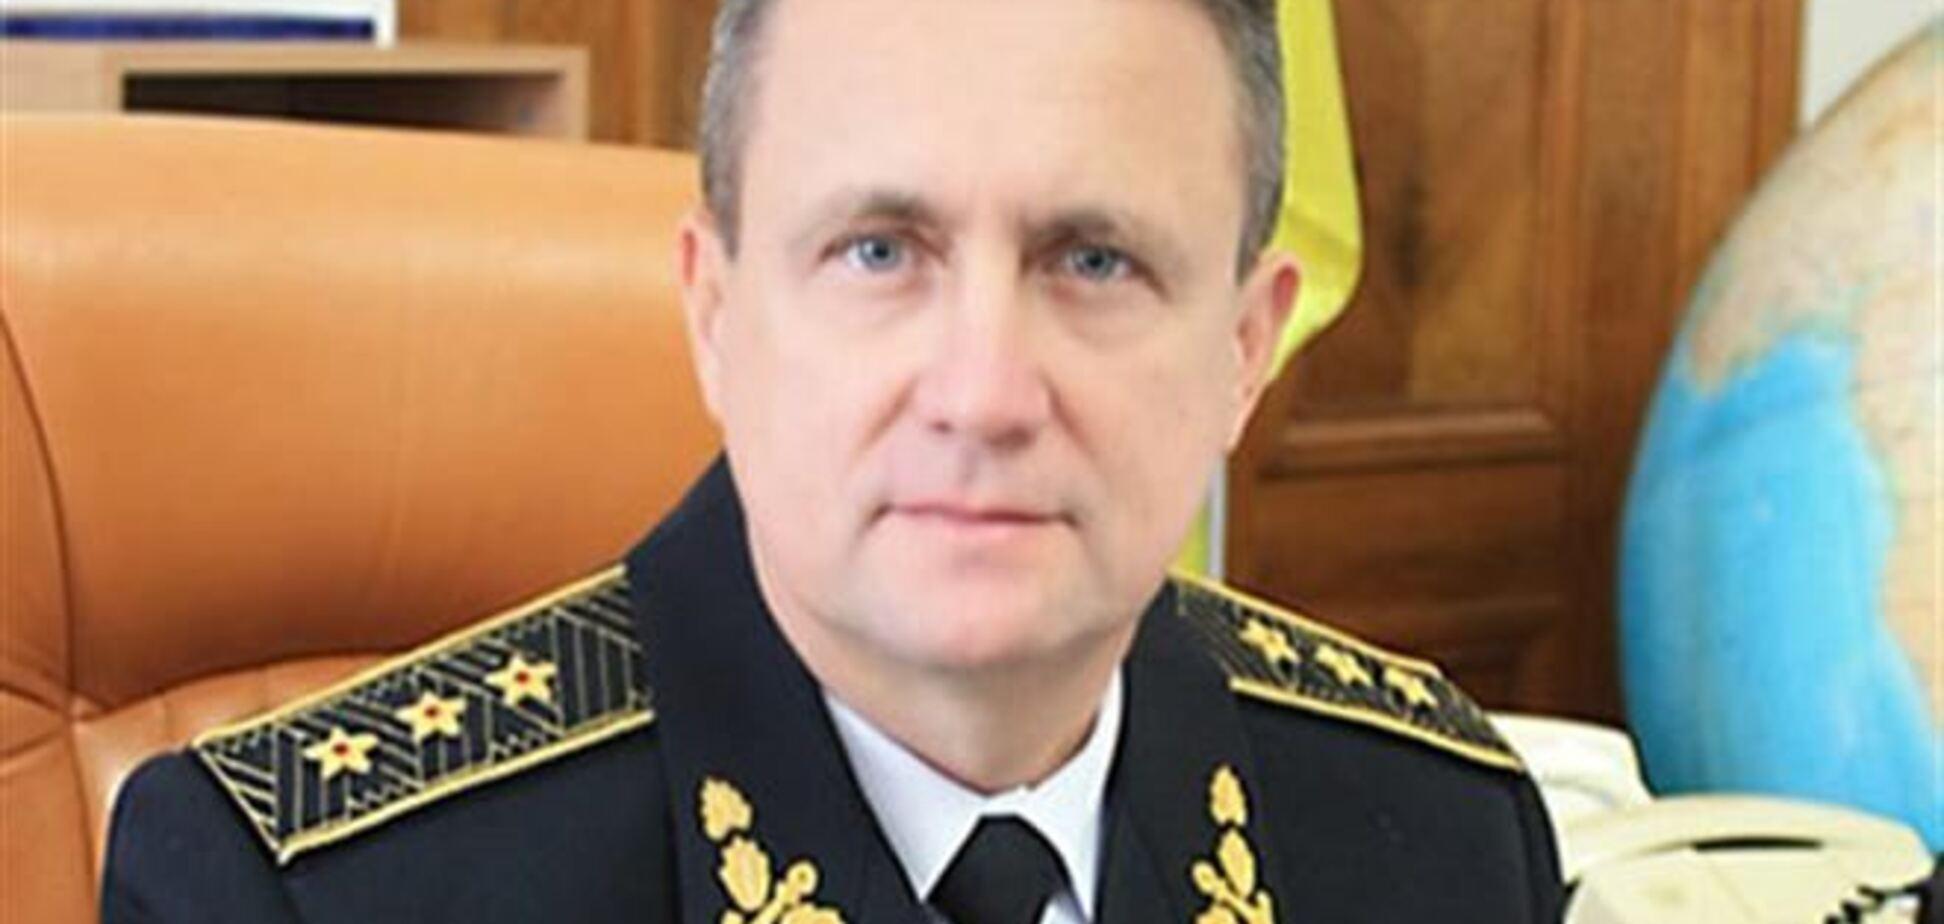 Першого заступника начальника Генштабу ЗСУ позбавили допуску до держтаємниці